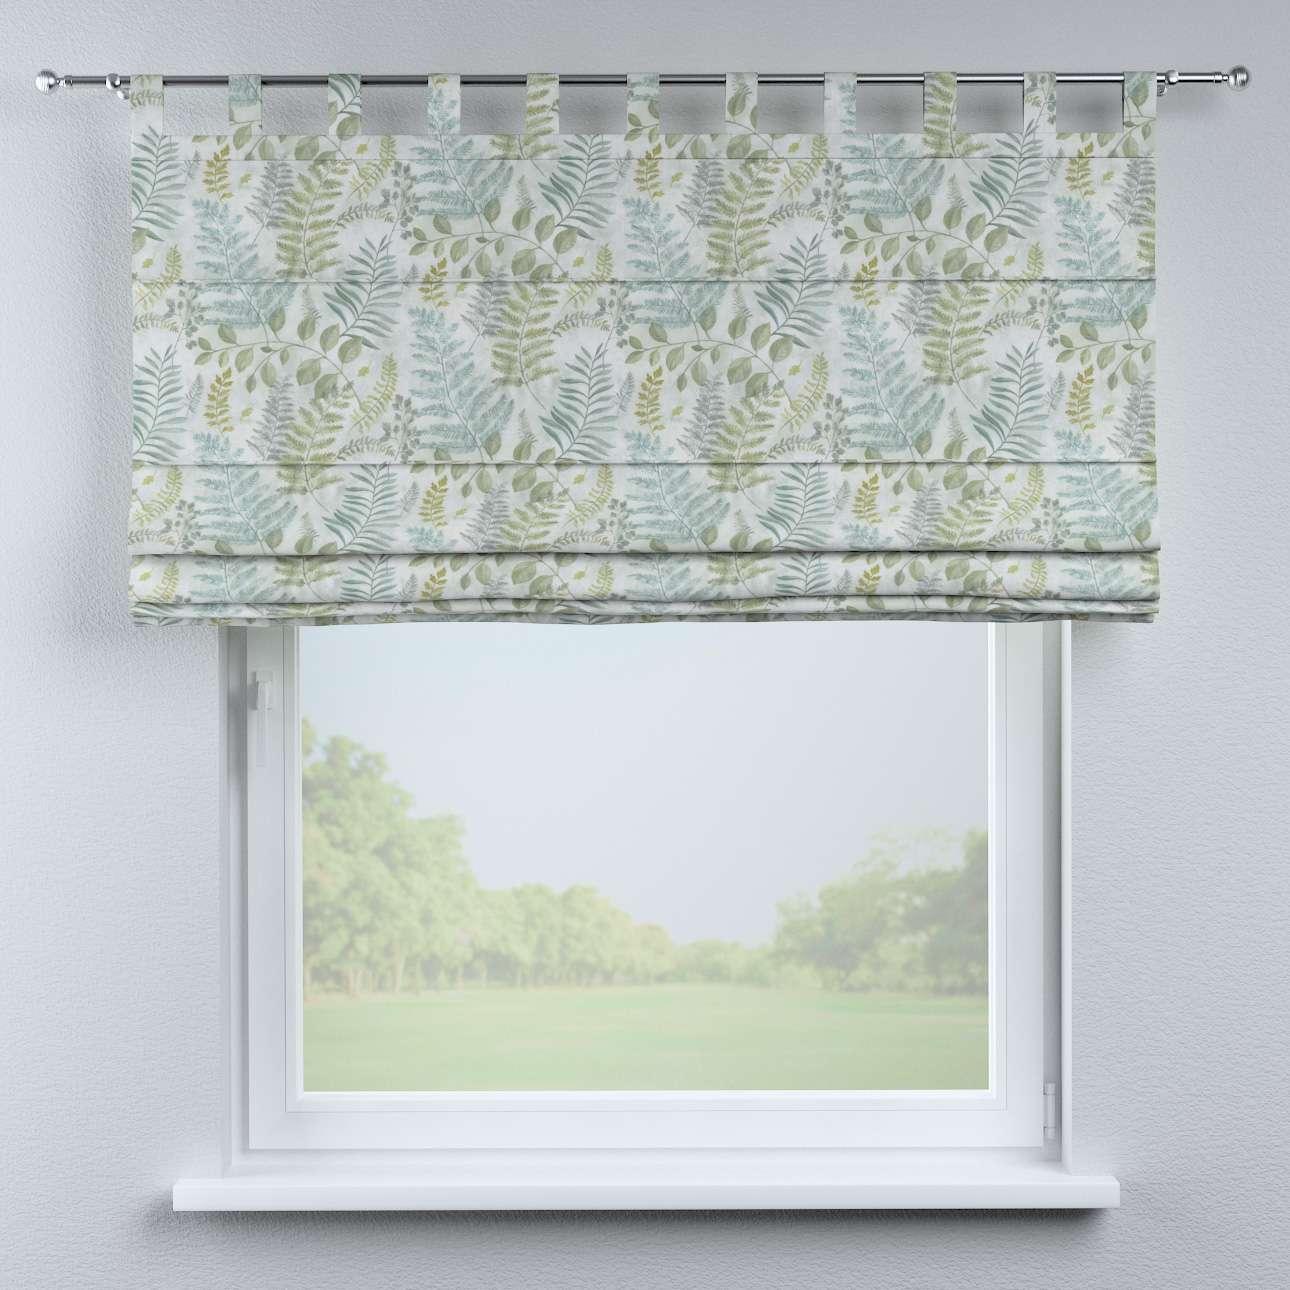 Rímska roleta Verona V kolekcii Pastel Forest, tkanina: 142-46